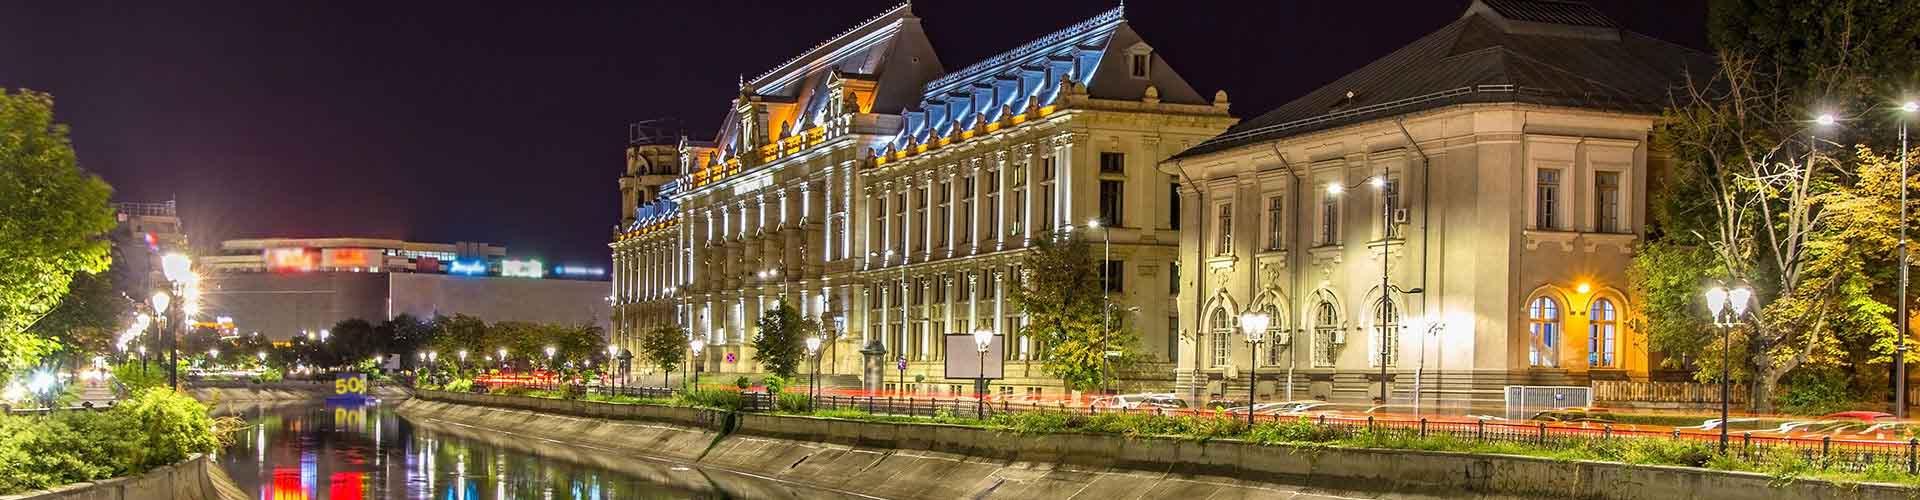 Bucarest - Chambres à Bucarest. Cartes pour Bucarest, photos et commentaires pour chaque chambre à Bucarest.